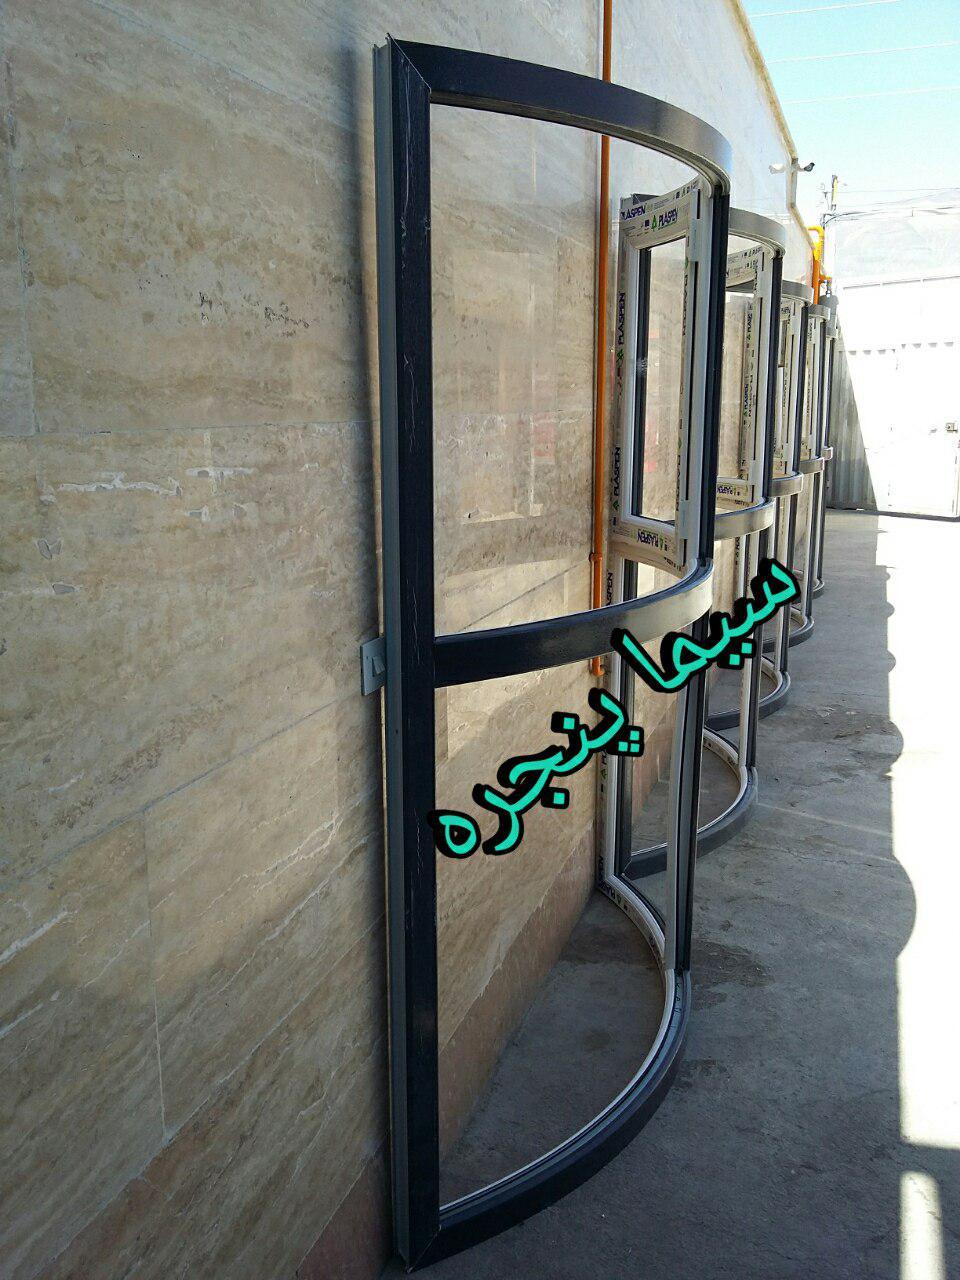 خم UPVC  -خم ویترینی - خم با شیشه های دو جداره سکوریت -خم پروفیل UPVC - سیما پنجره- محدوده کرج شهریار فردیس و ملارد